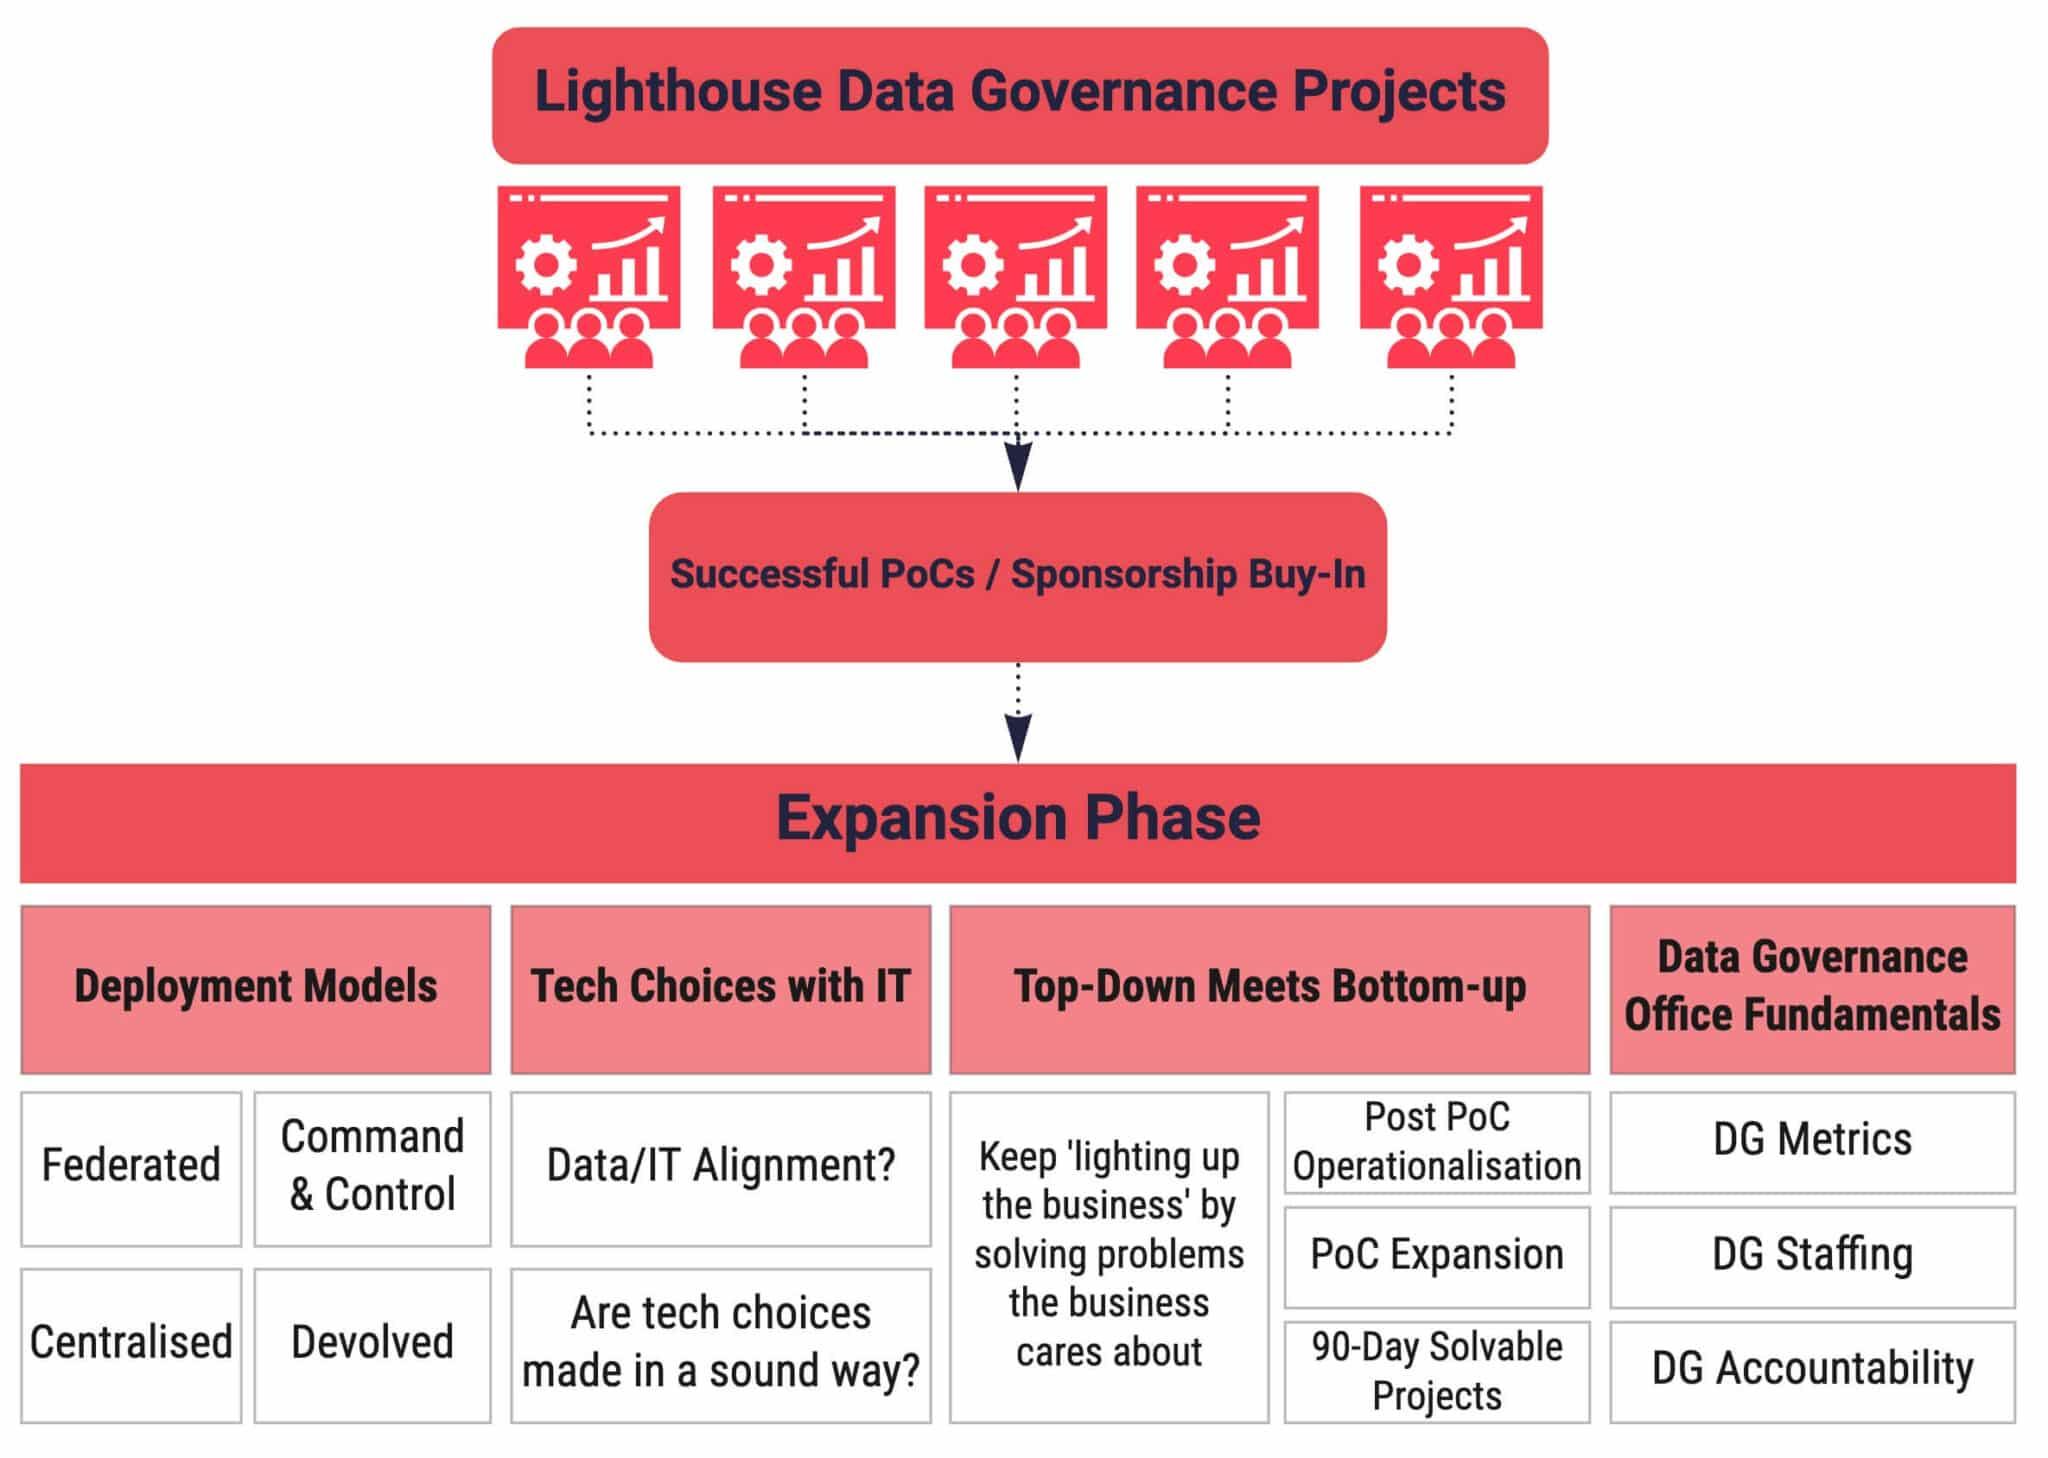 Lighthouse Data Governance